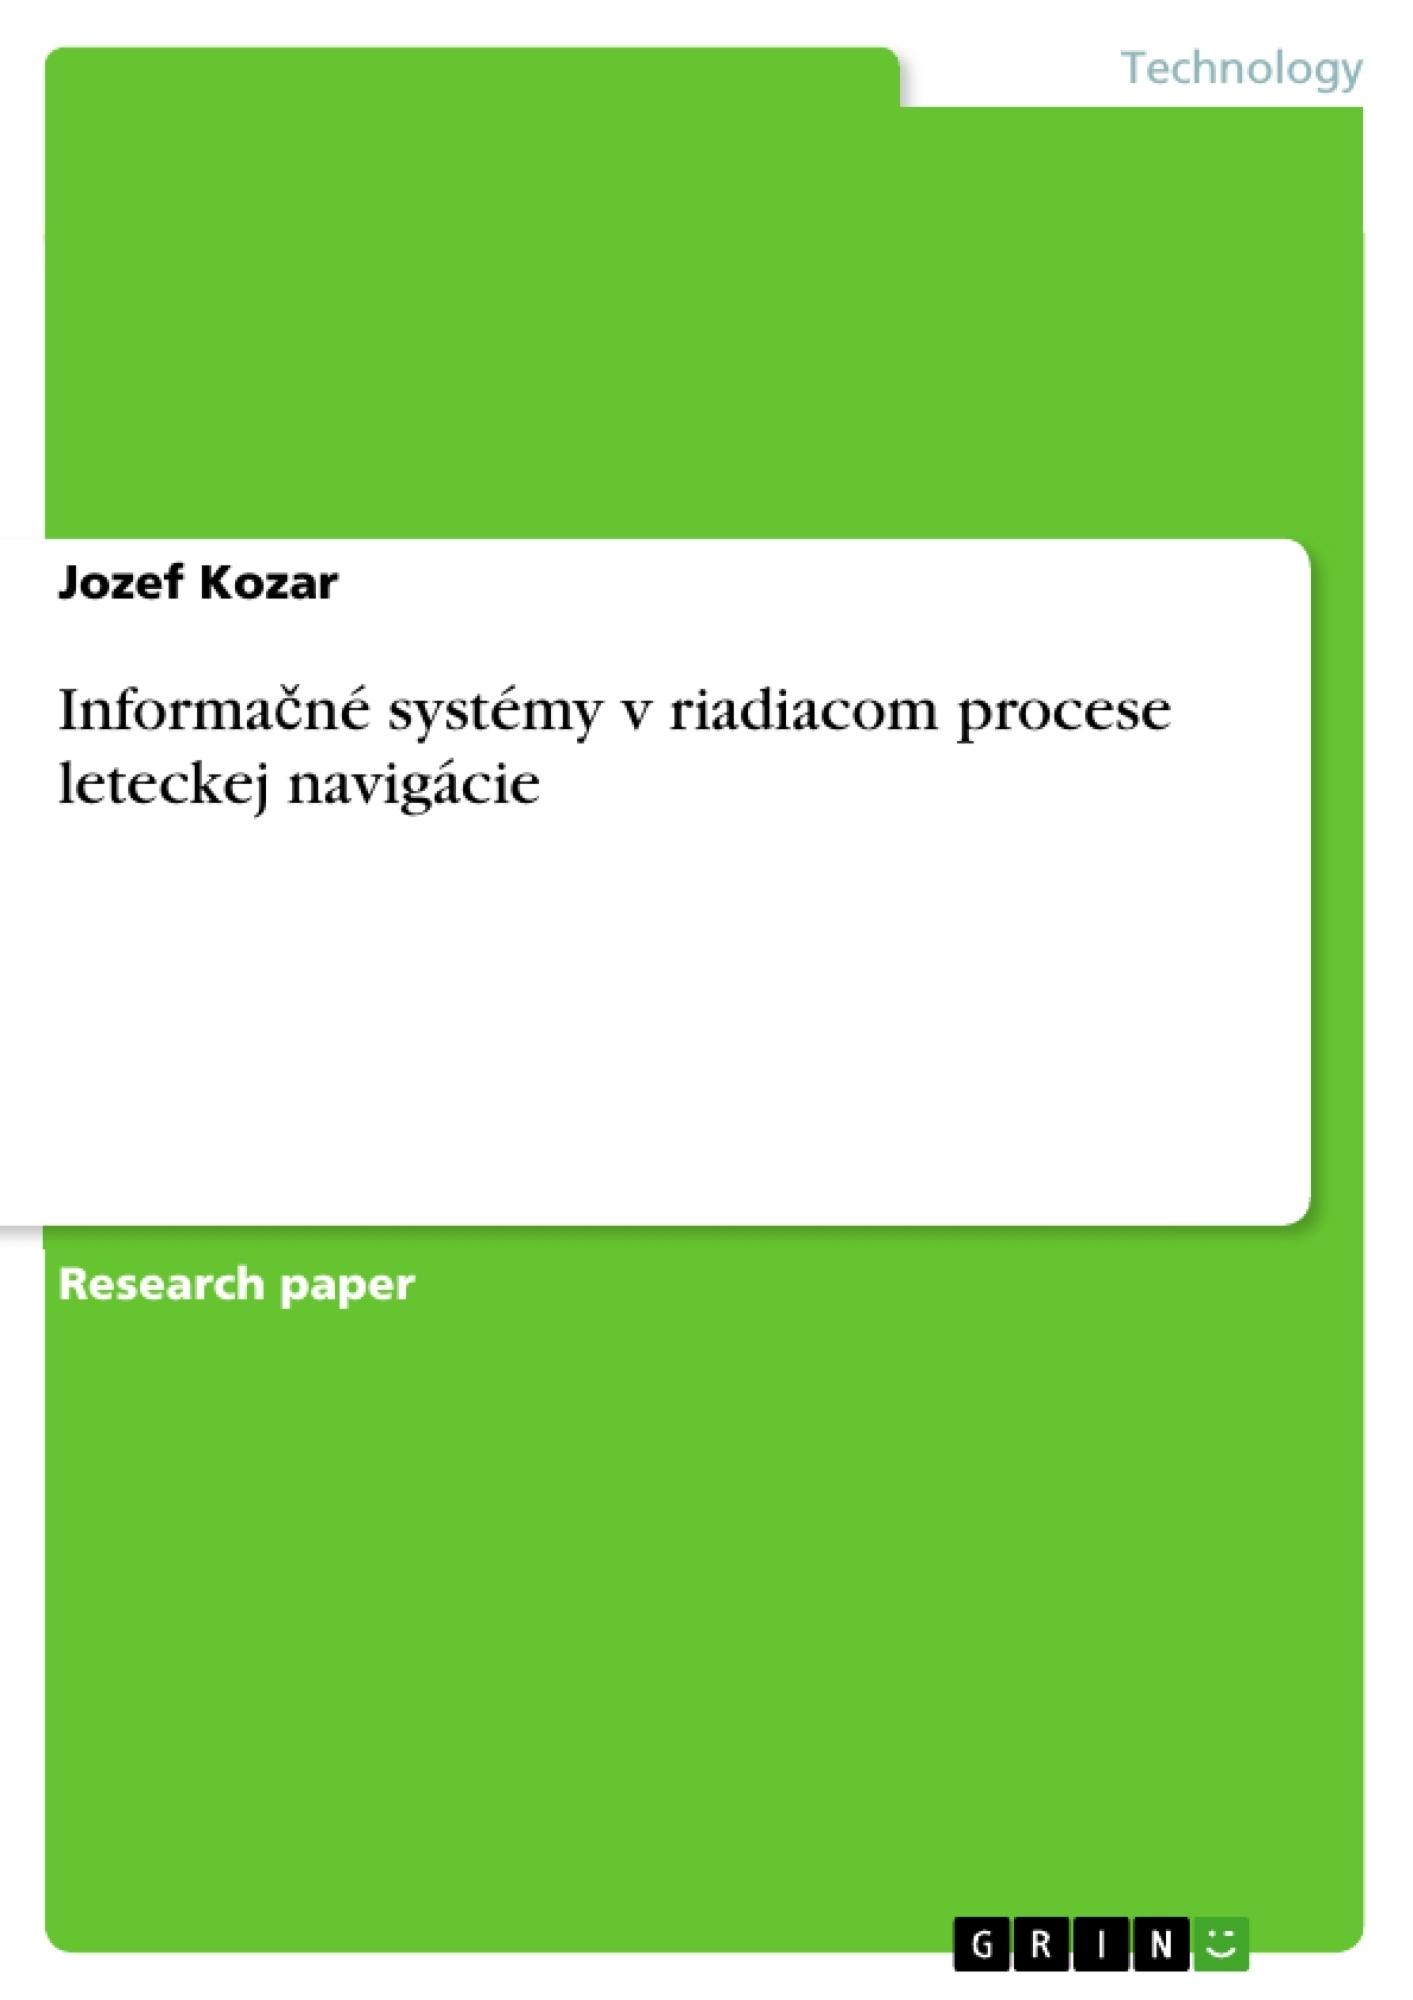 Title: Informačné systémy v riadiacom procese leteckej navigácie